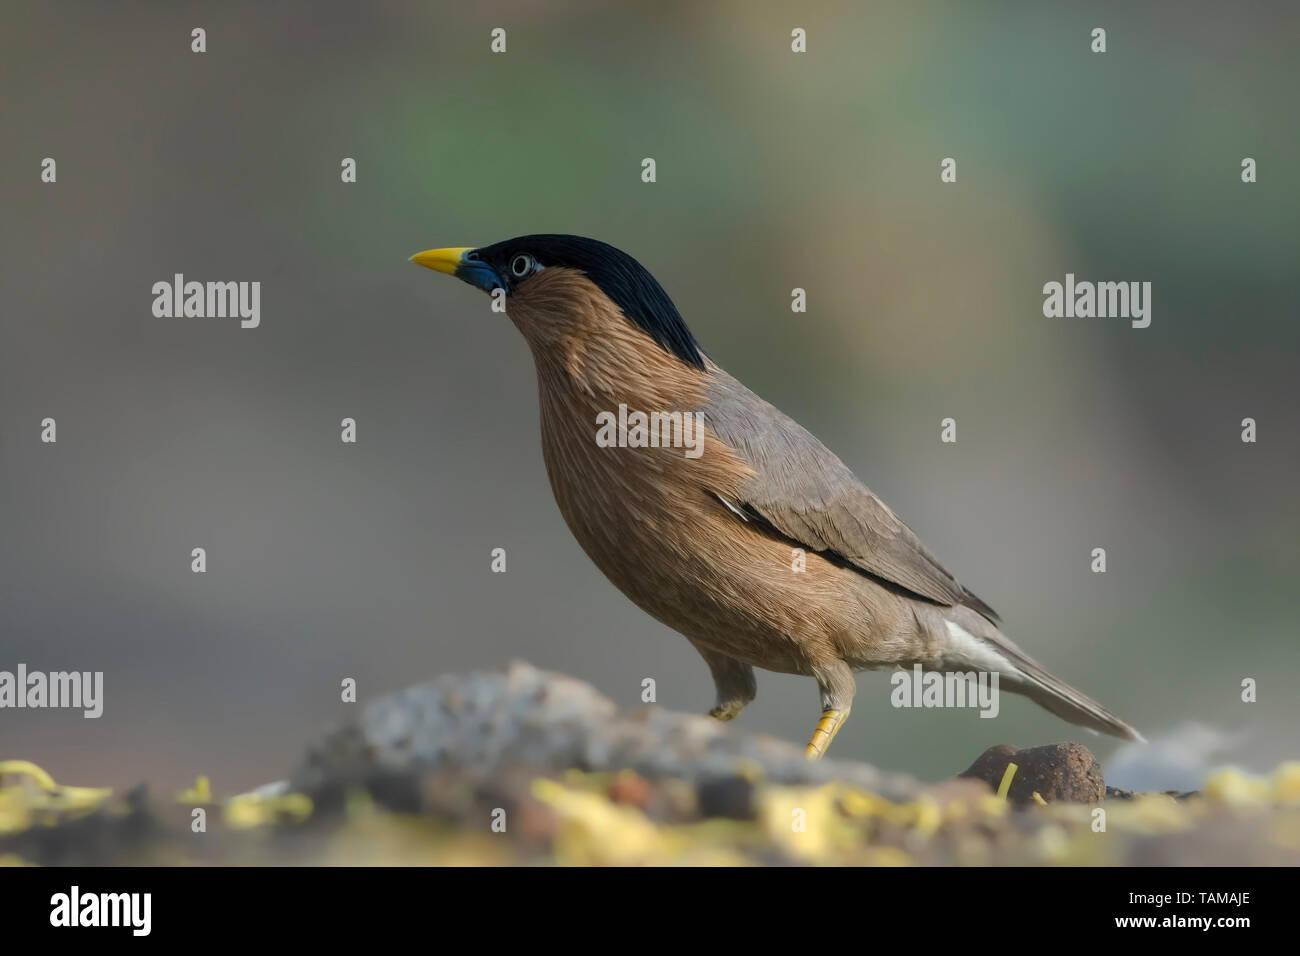 Brahminy starling (Sturnia pagodarum). - Stock Image